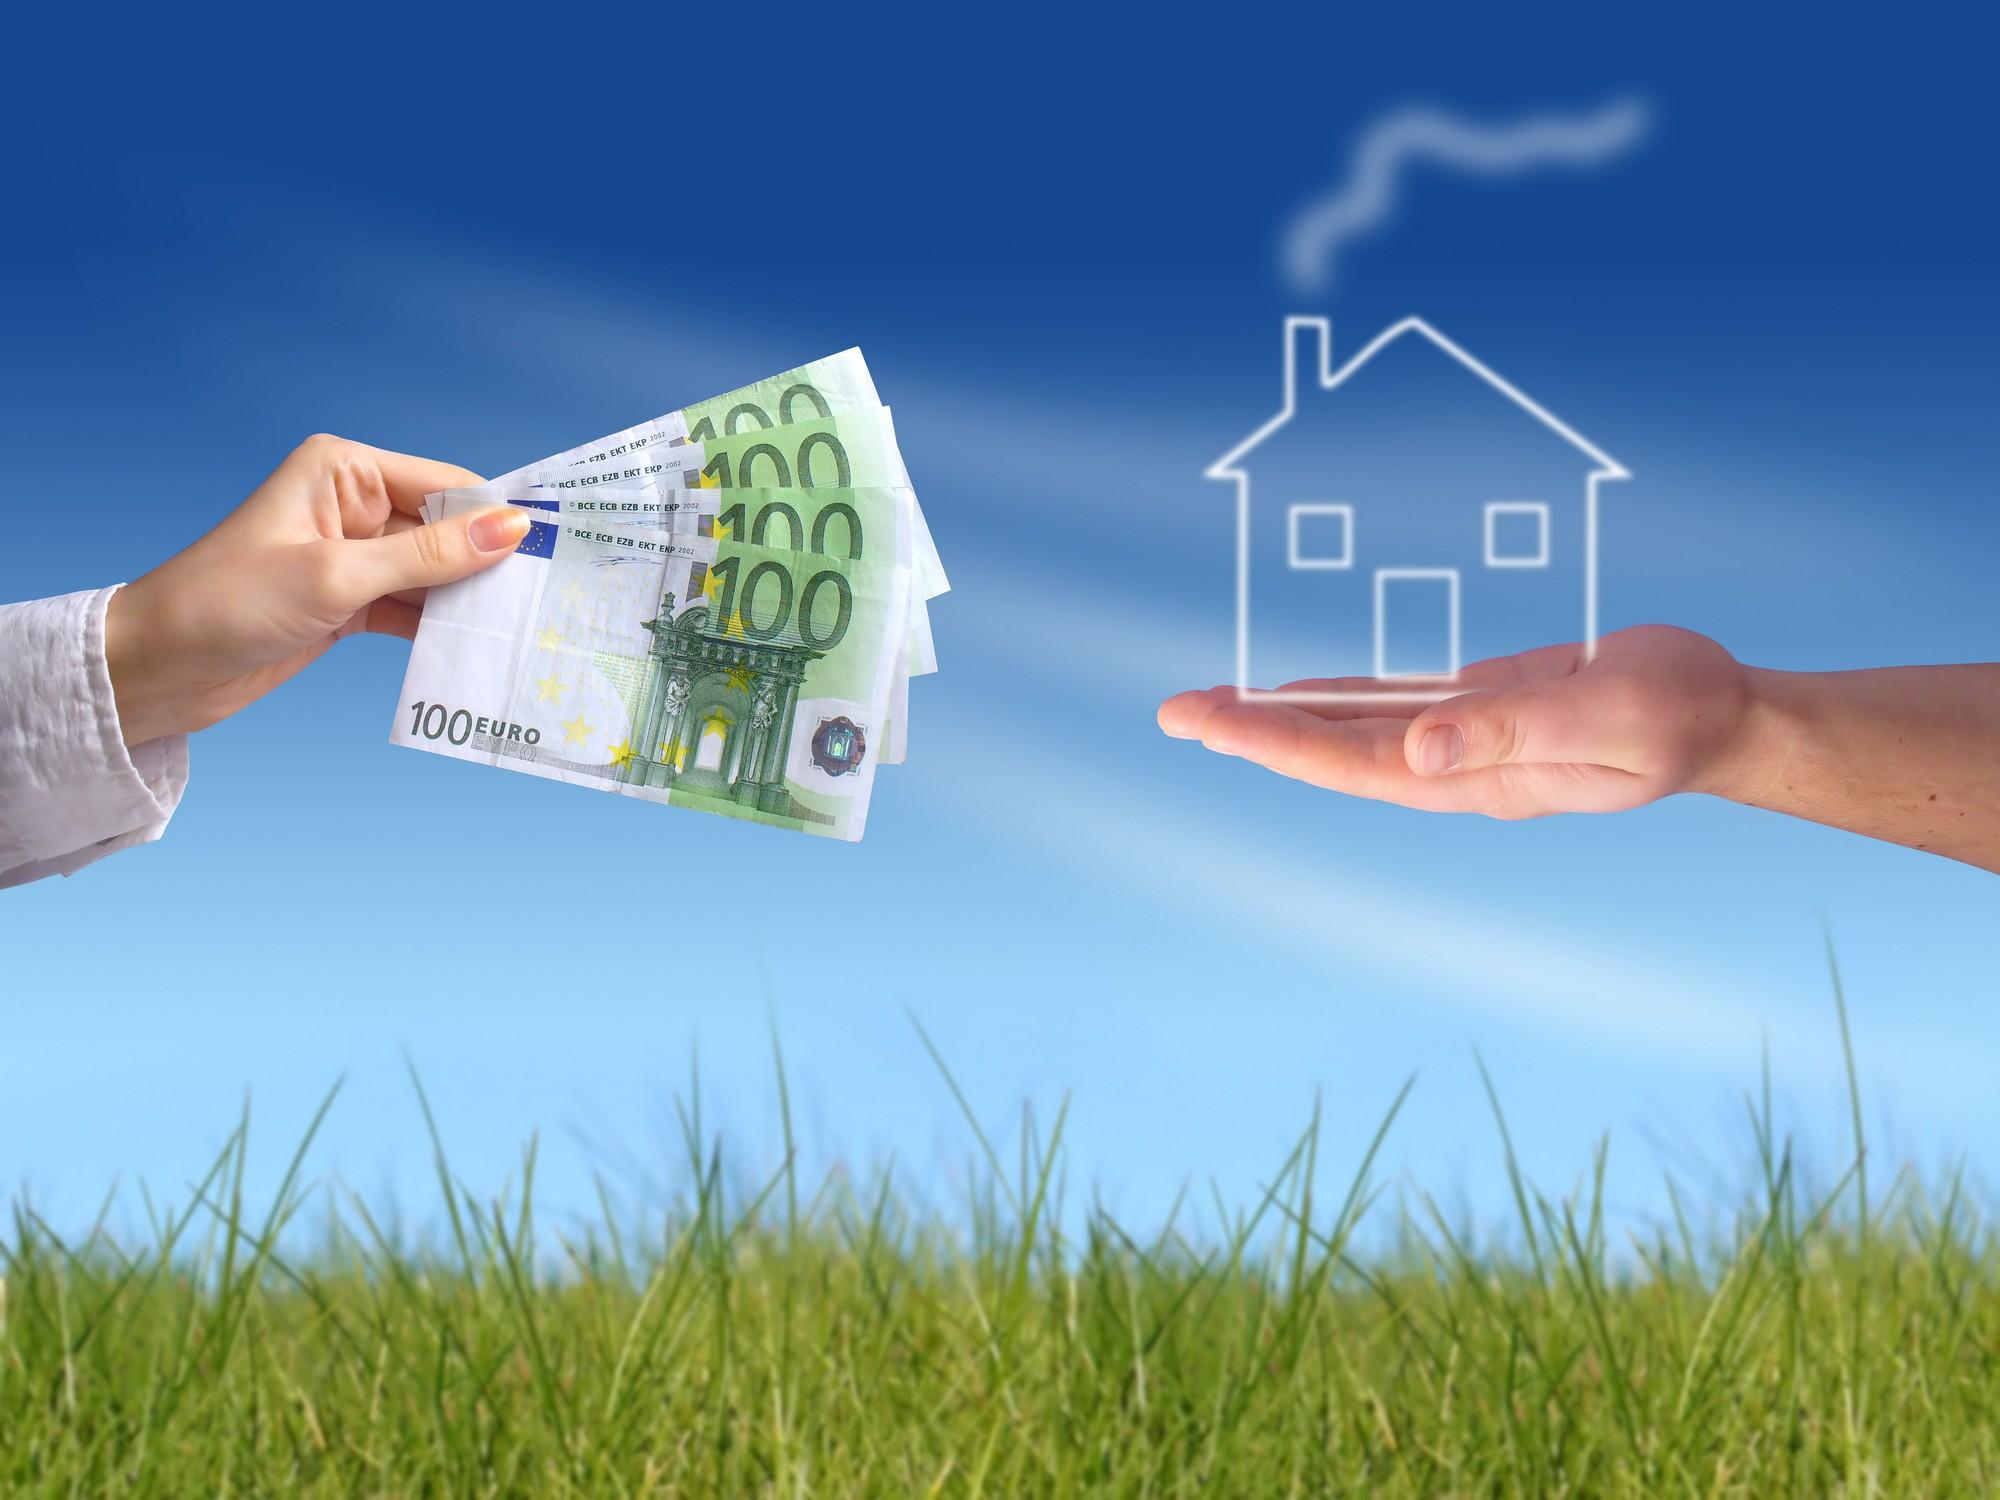 Maison à louer : Tous mes conseils pour mettre la main sur la location rêvée